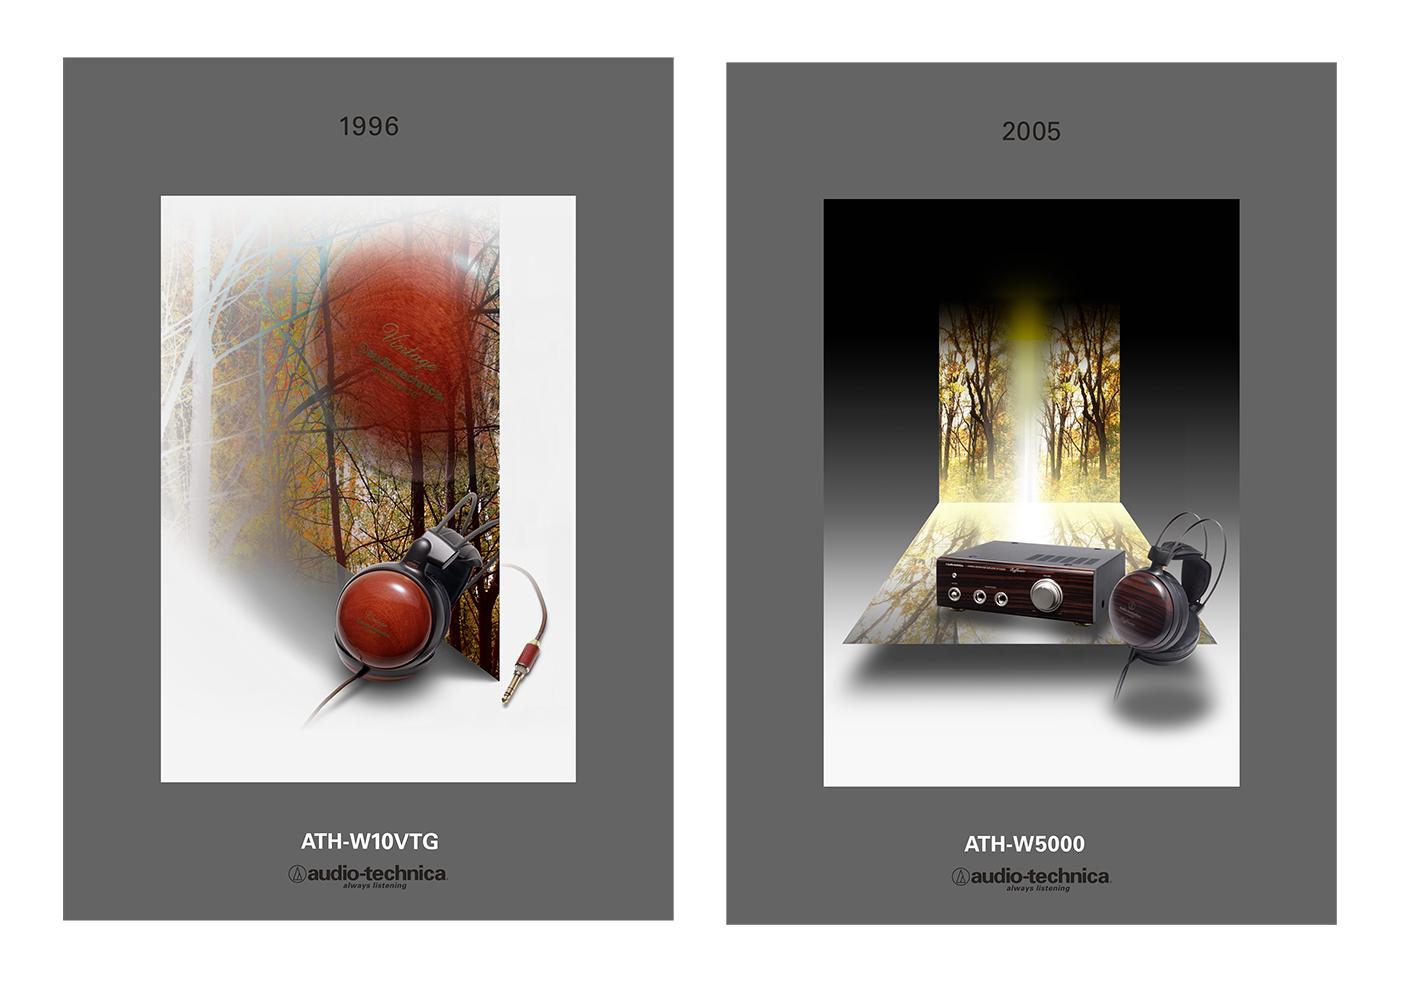 遠藤享とATの歴史に見る、企業とデザイナーの尊重し合う関係性